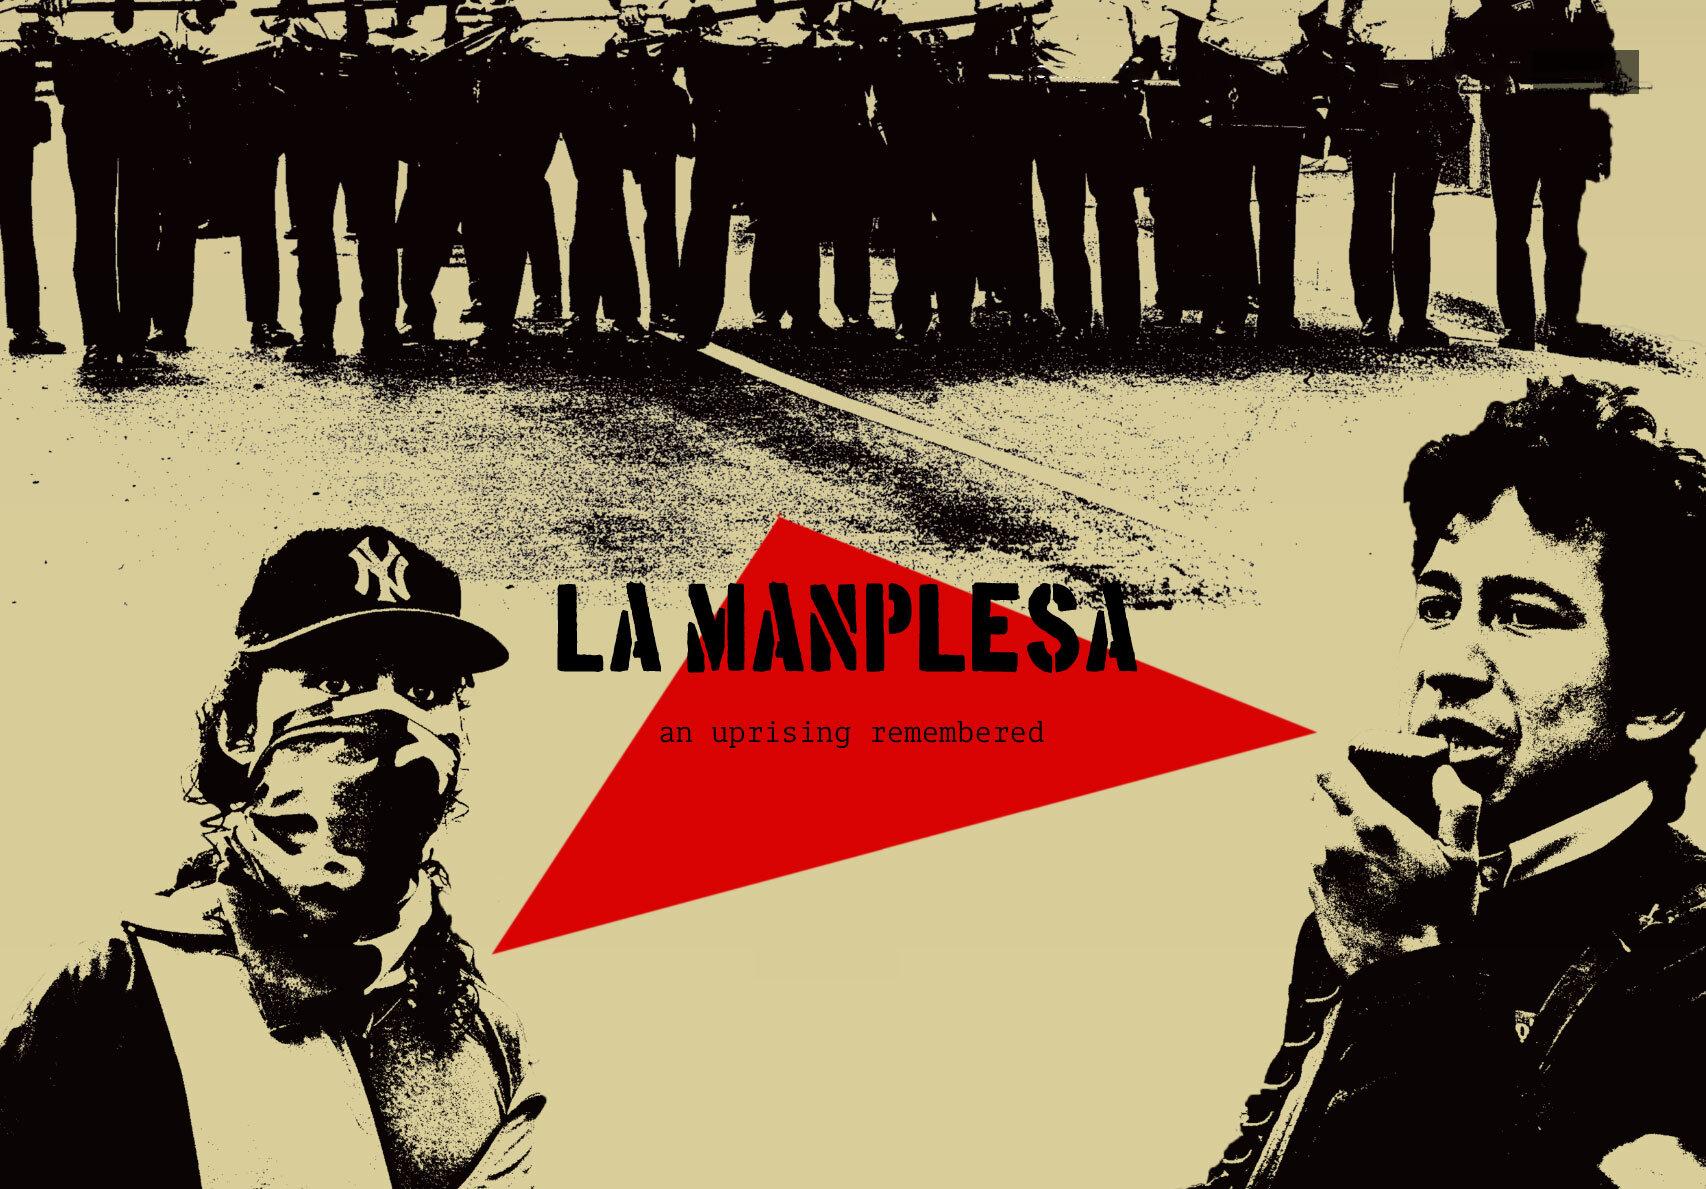 lamanplesa Lanscape